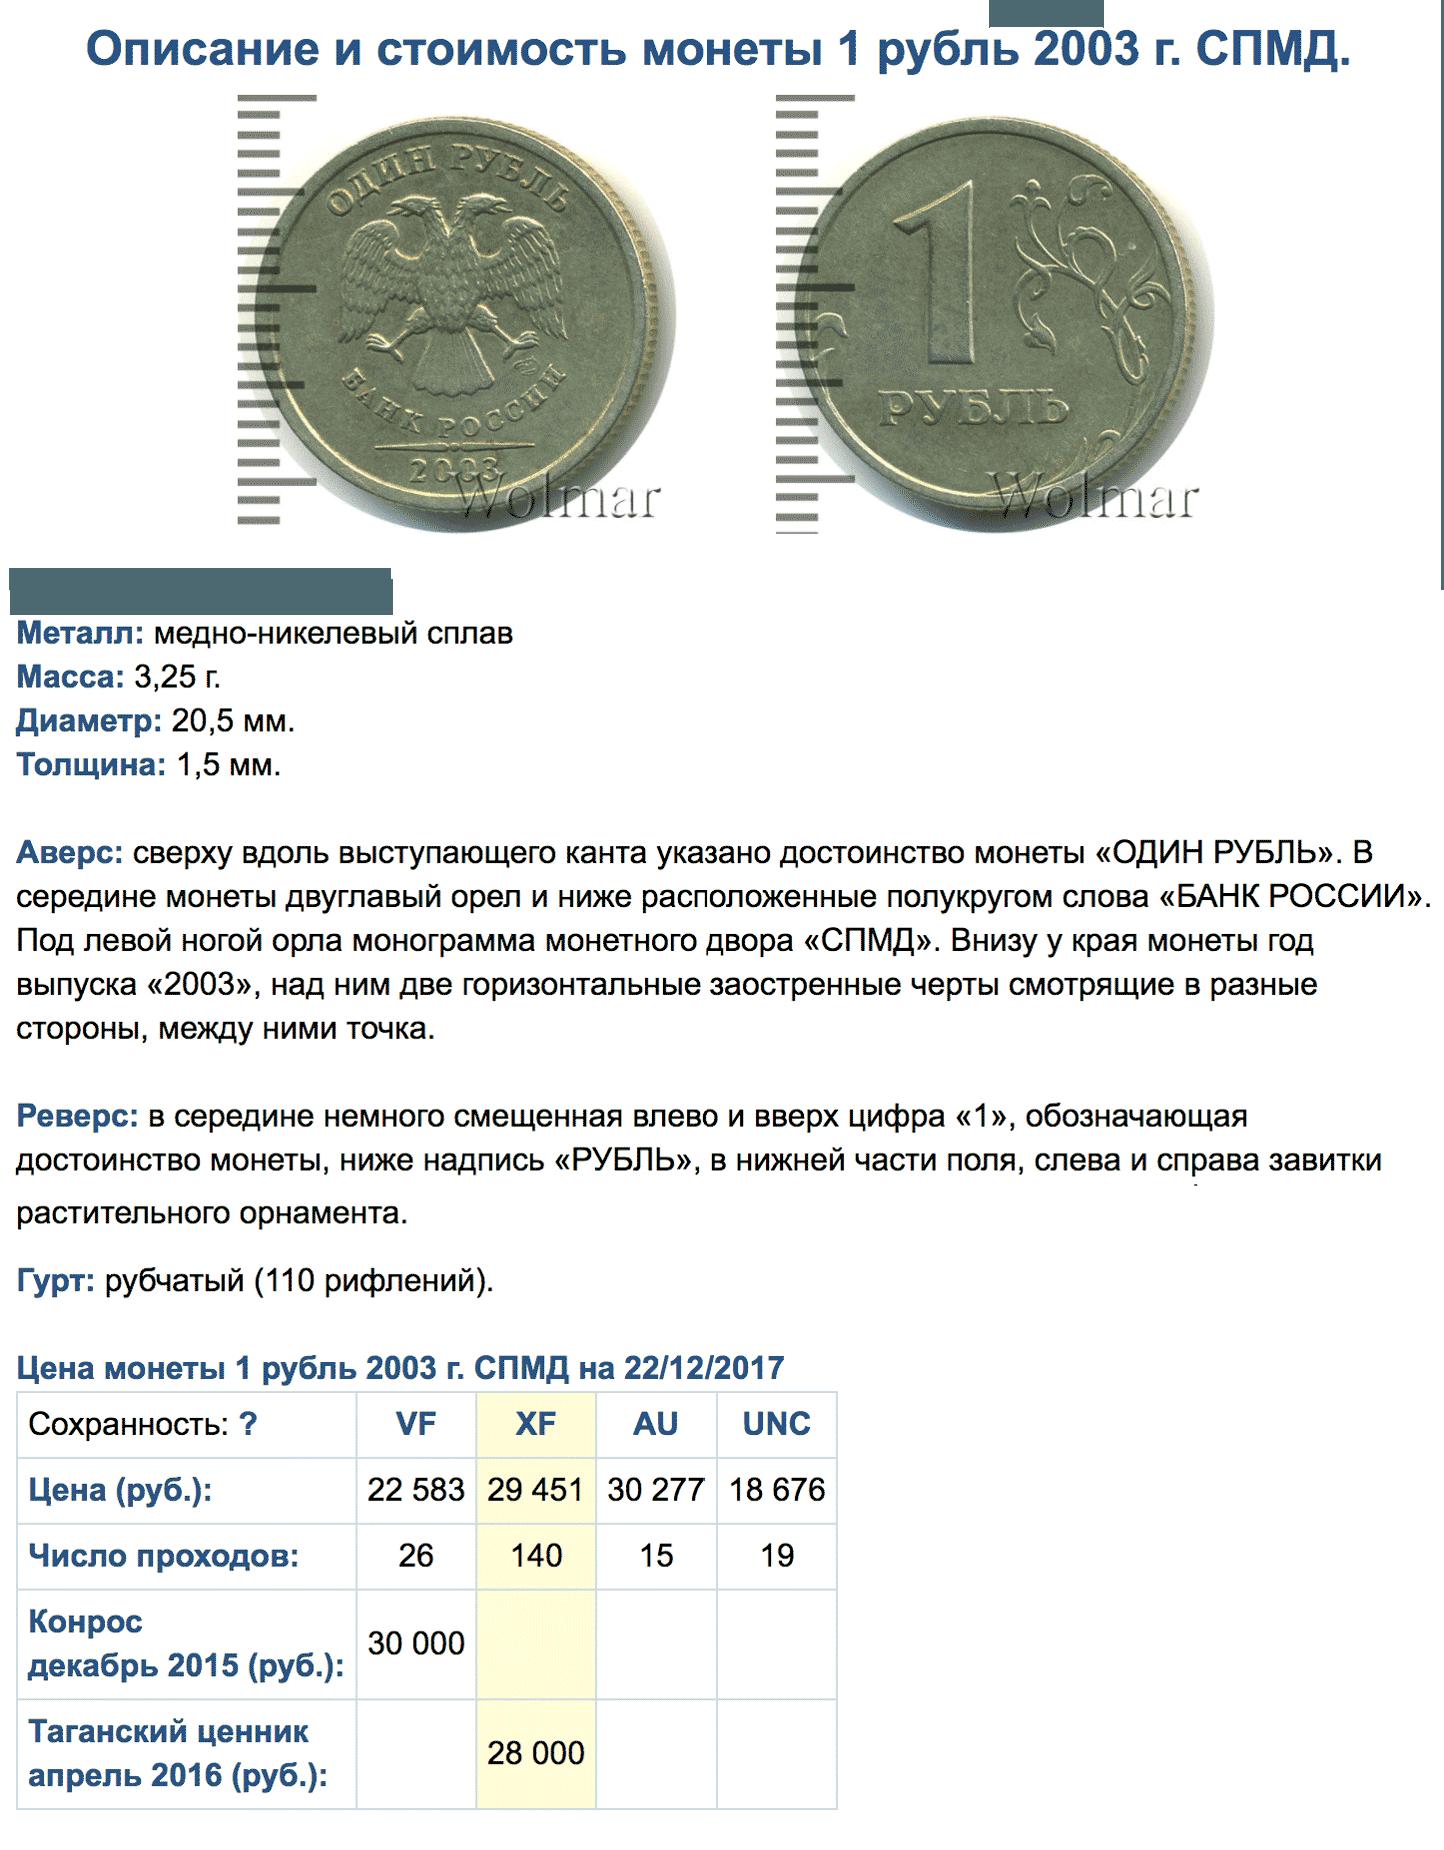 Этот рубль 2003 года чеканки стоит 28 000 рублей